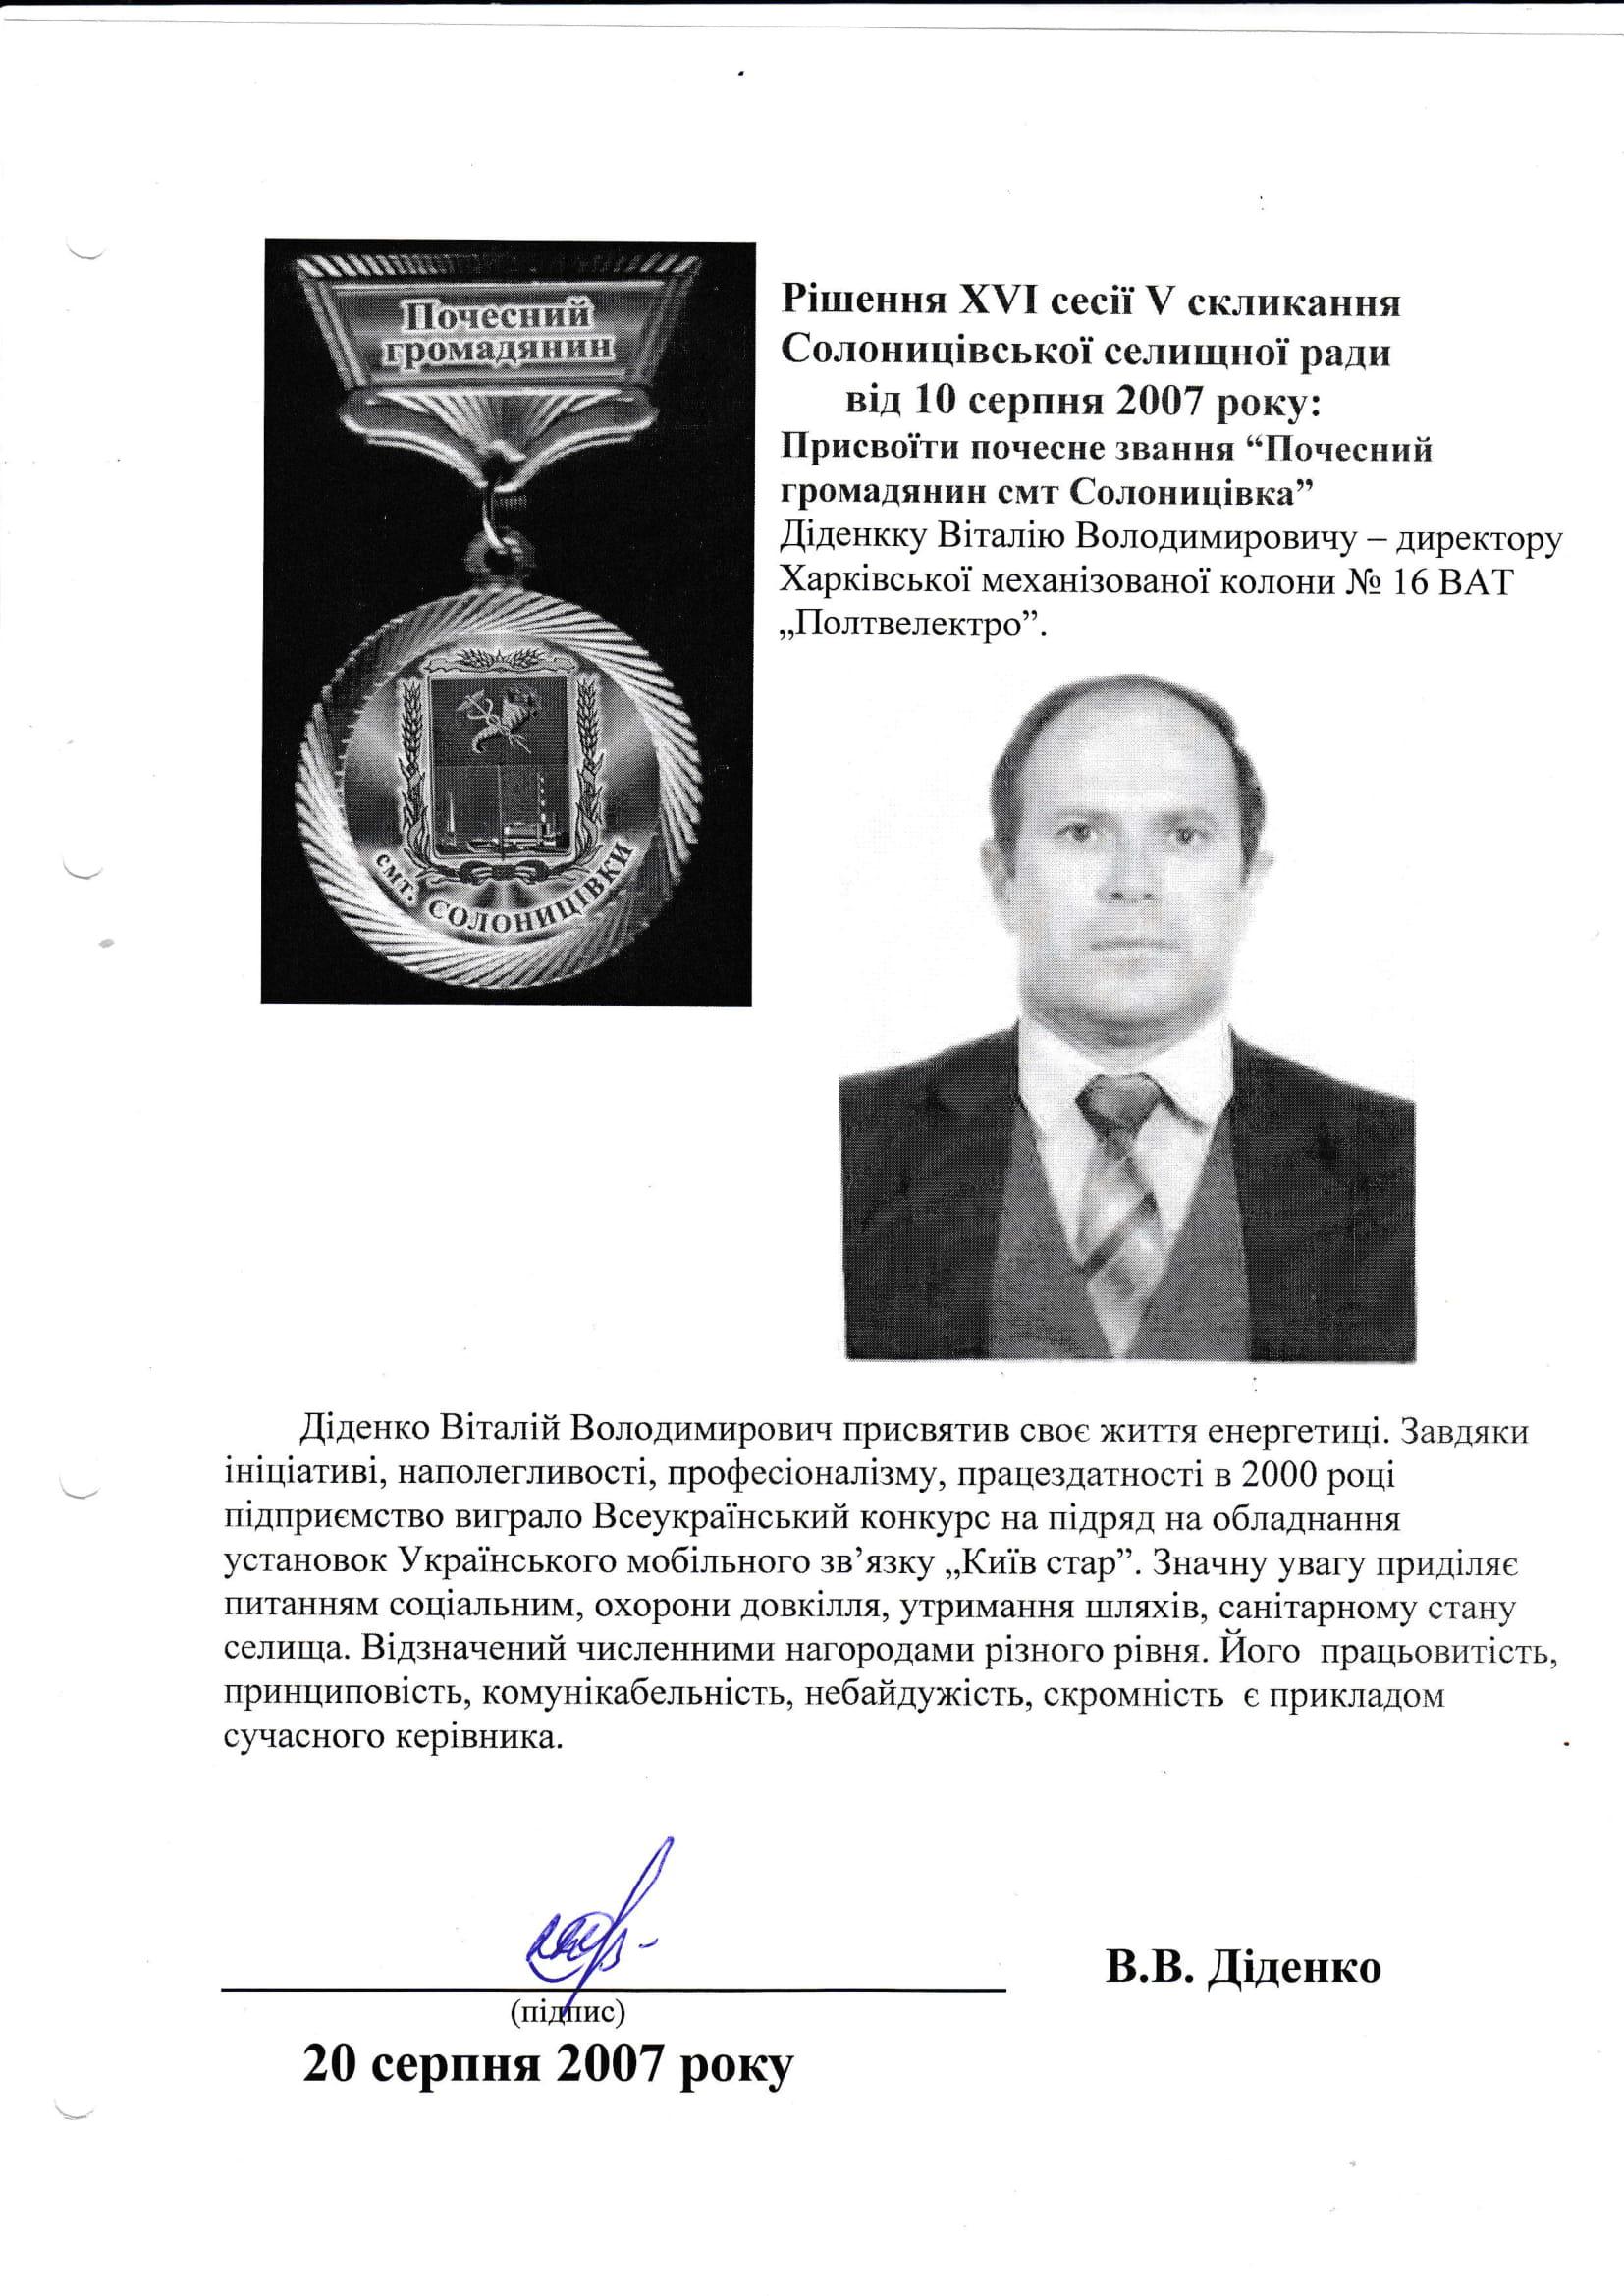 Діденко Віталій Володимирович